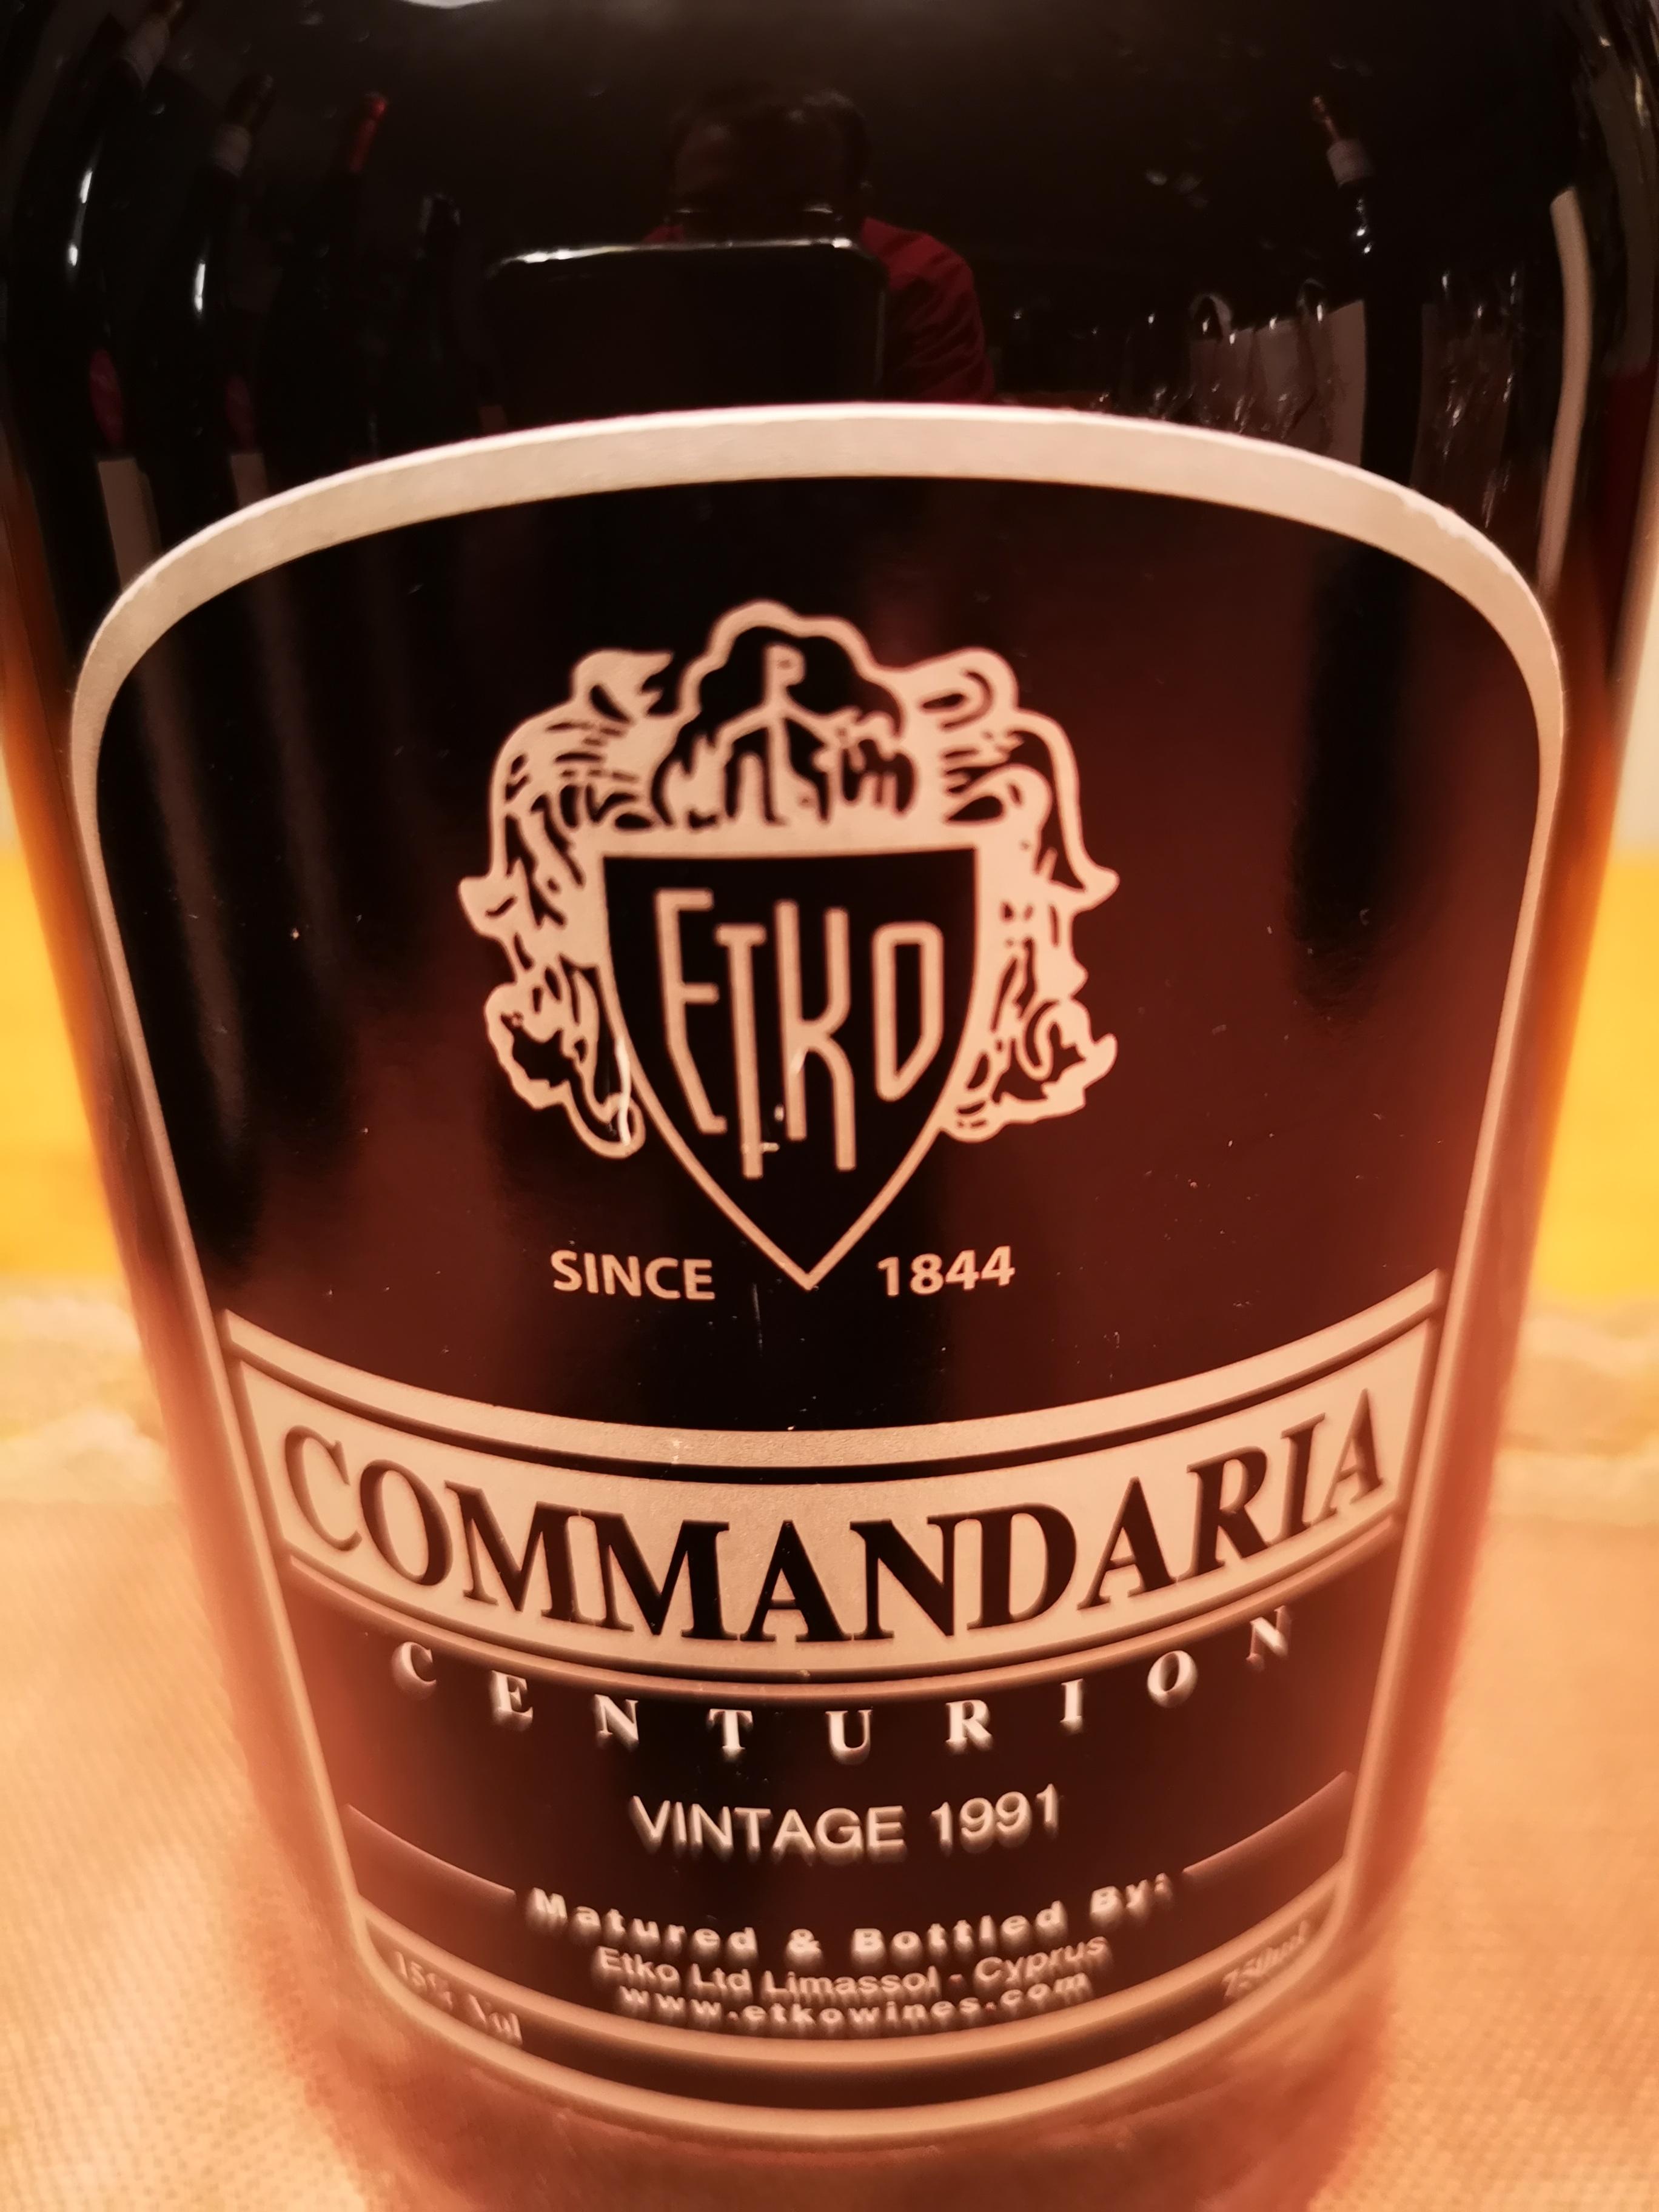 1991 Commandaria Centurion | Etko